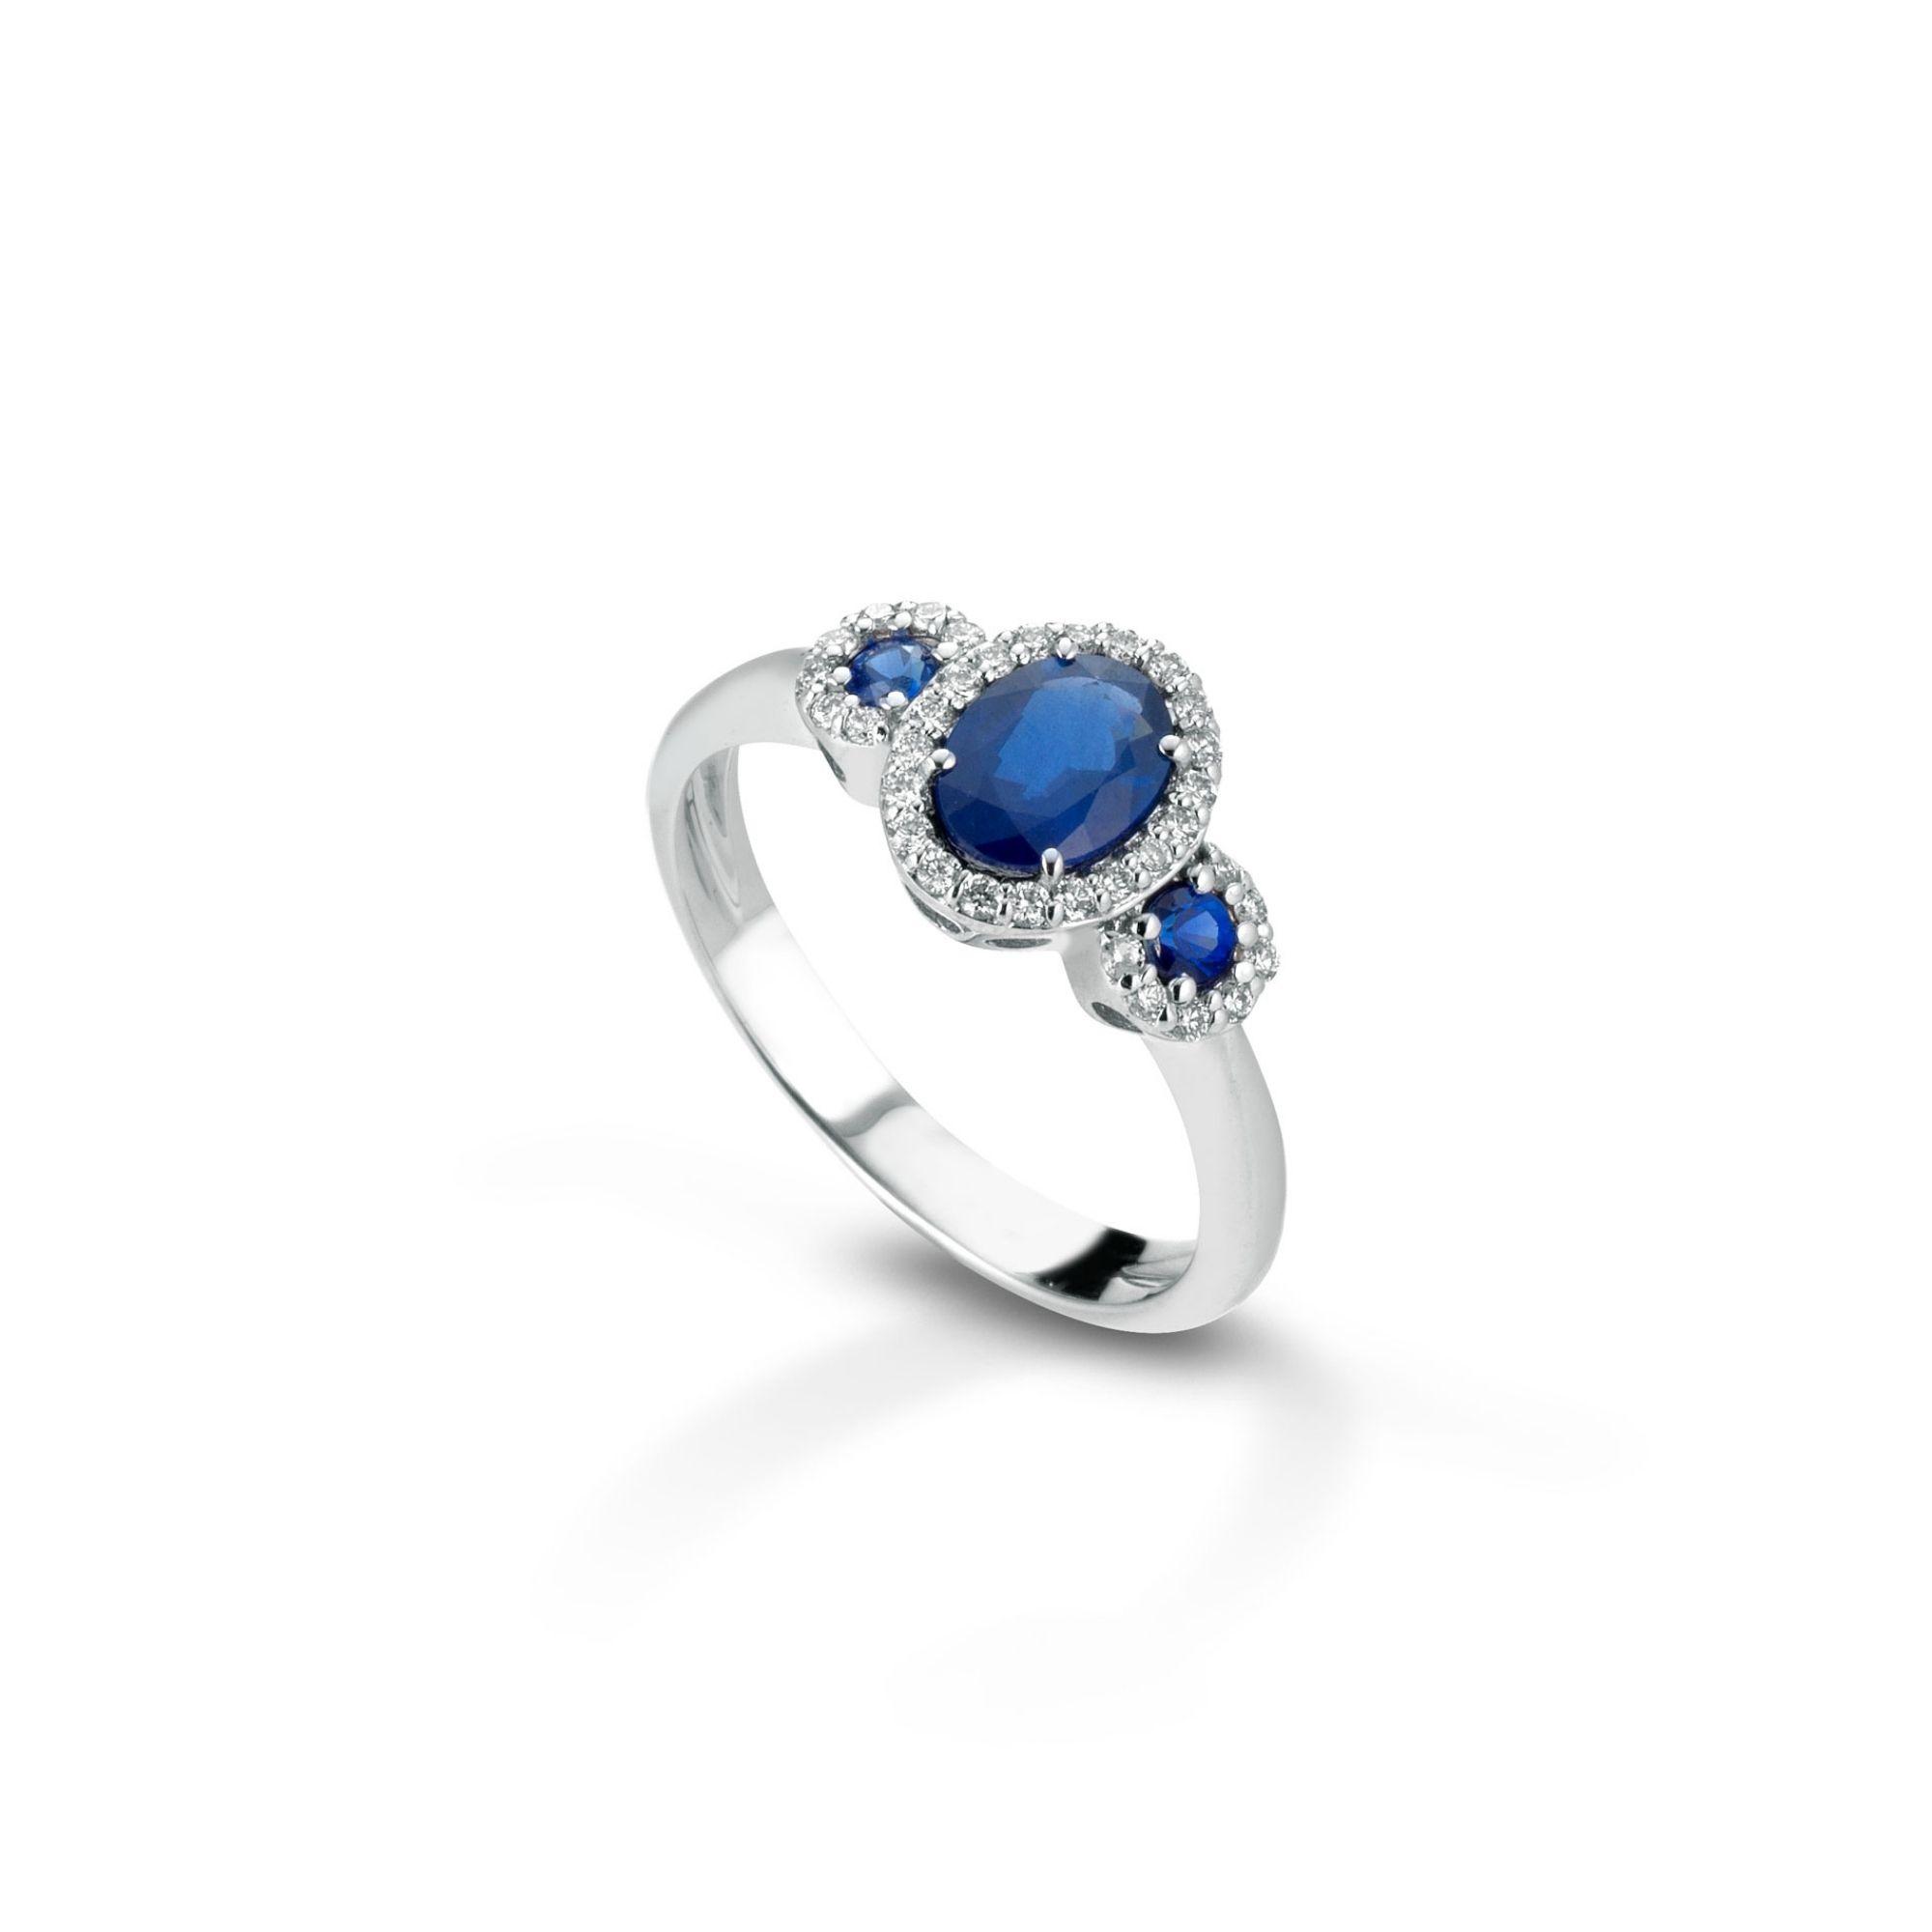 Anello con diamanti e zaffiri Ring with diamonds and sapphires